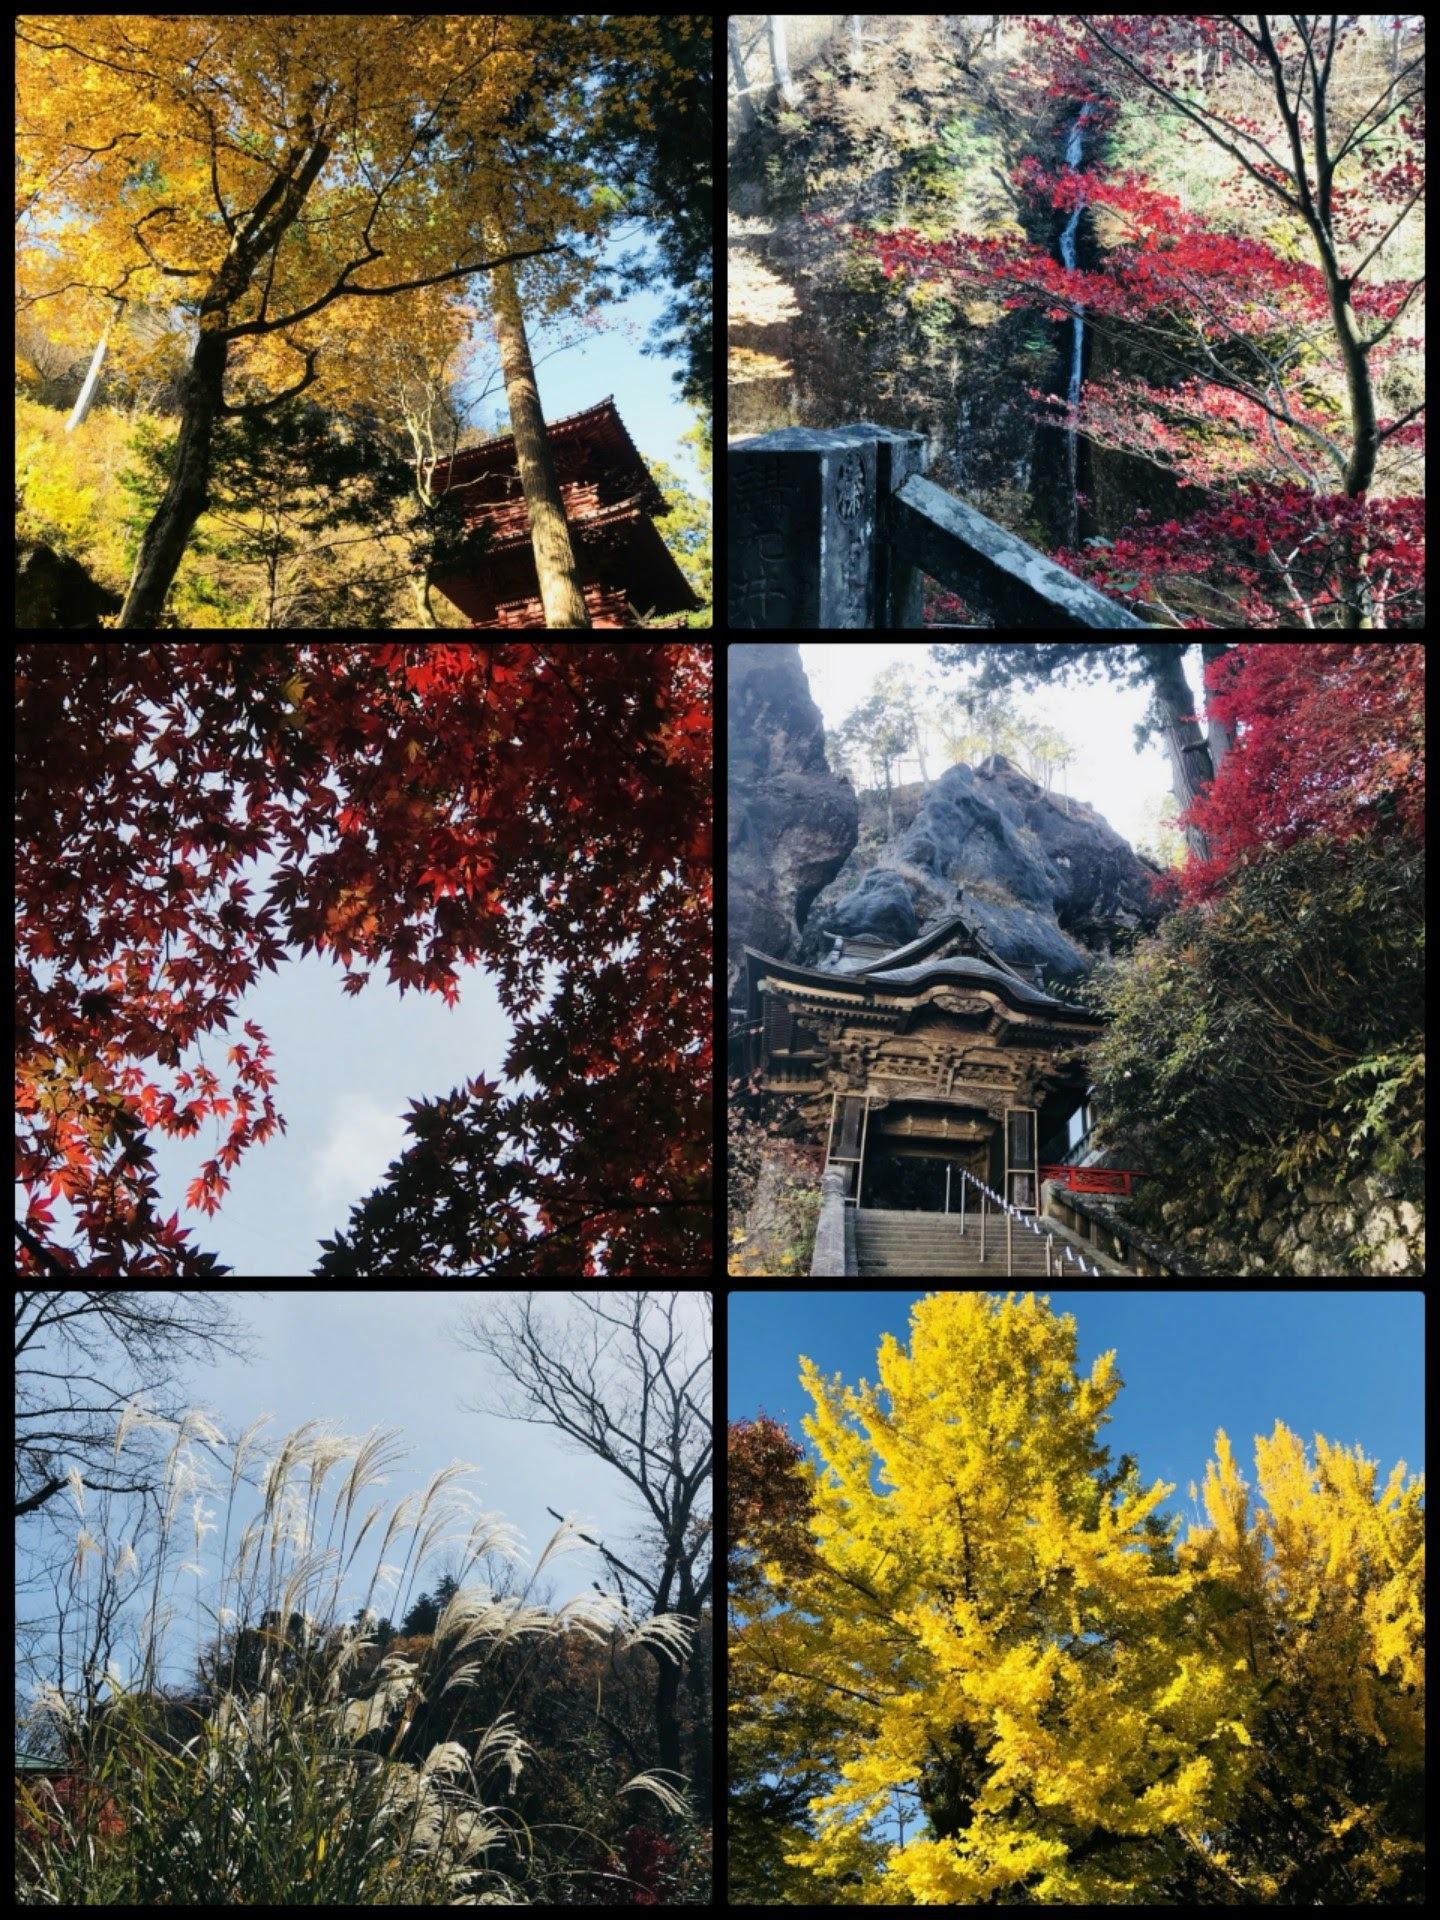 17-11-17-20-33-13-022_deco-1440x1920.jpg